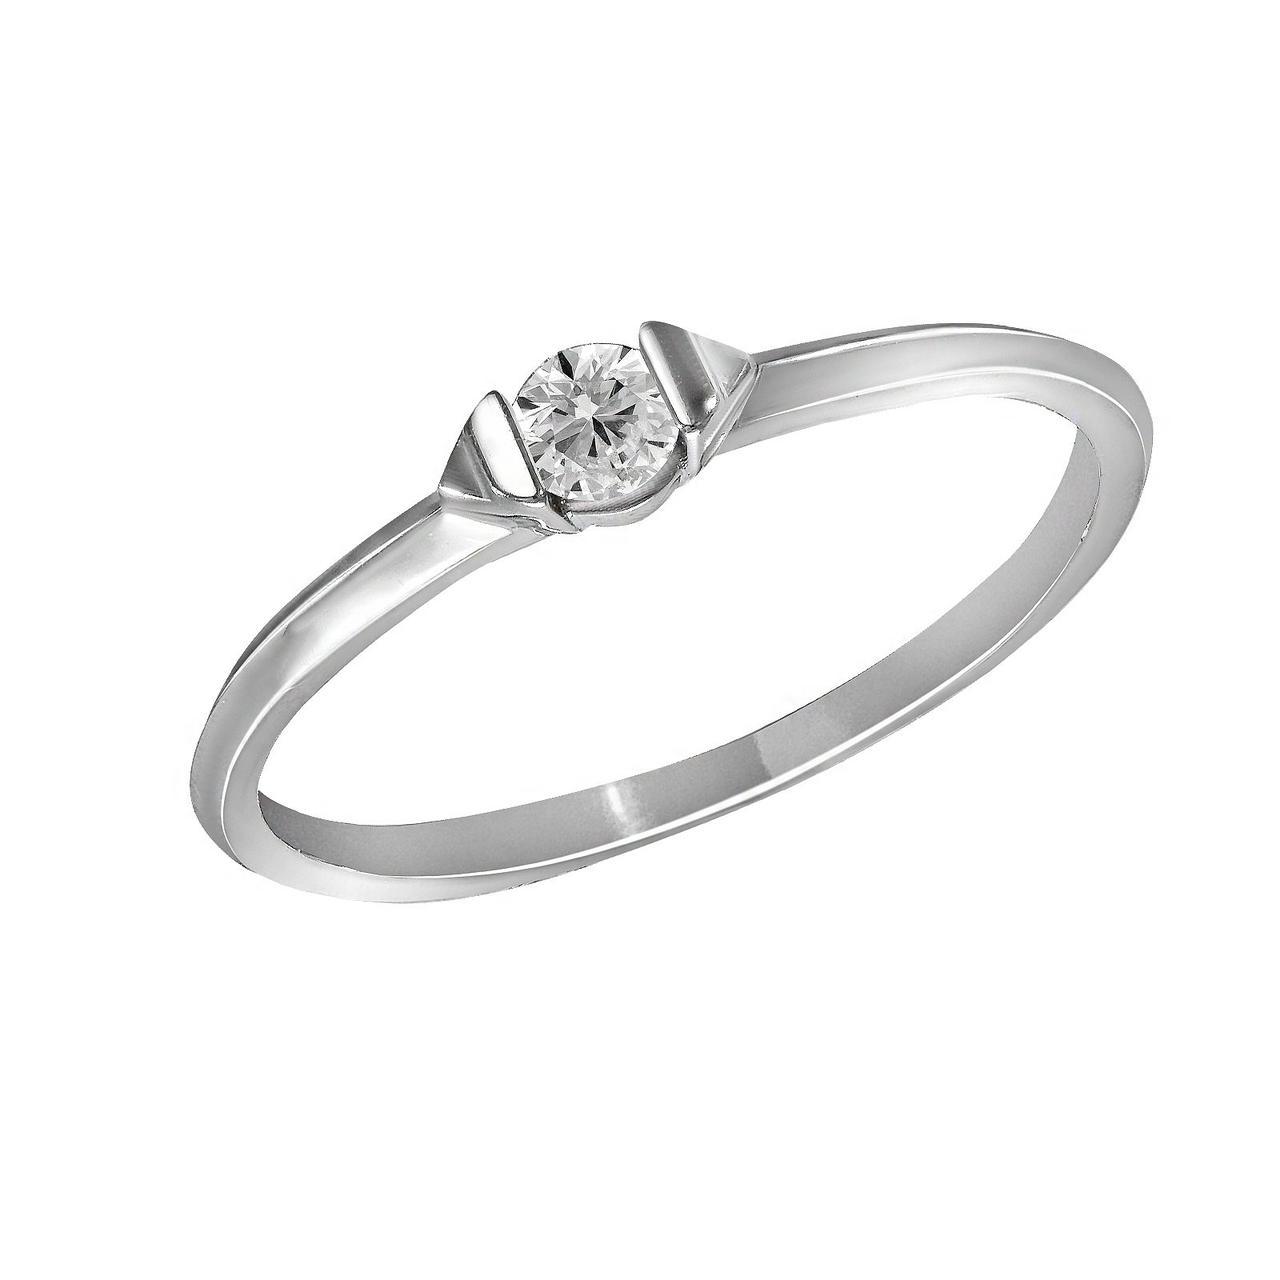 Золотое кольцо с бриллиантом, размер 16 (1616709)